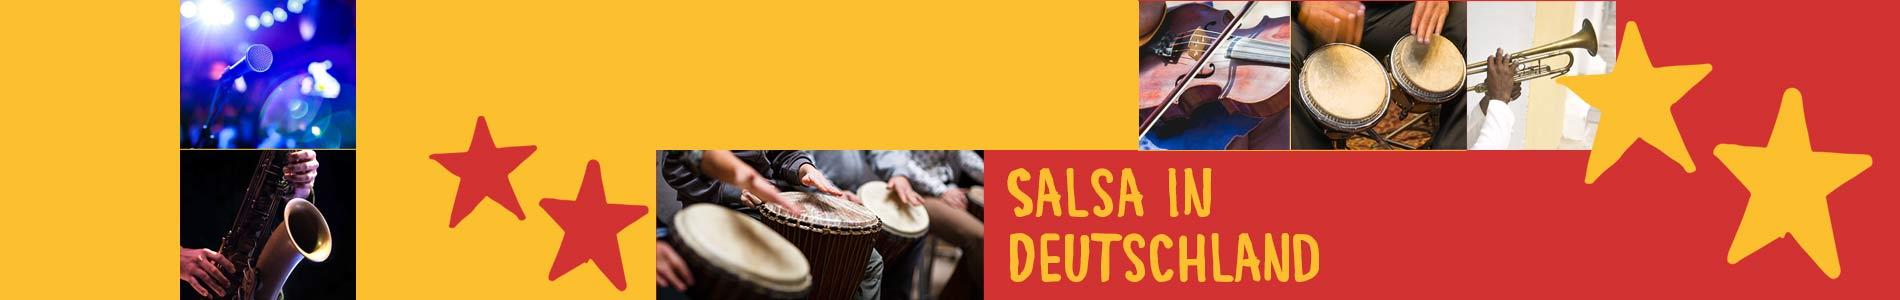 Salsa in Deutschland